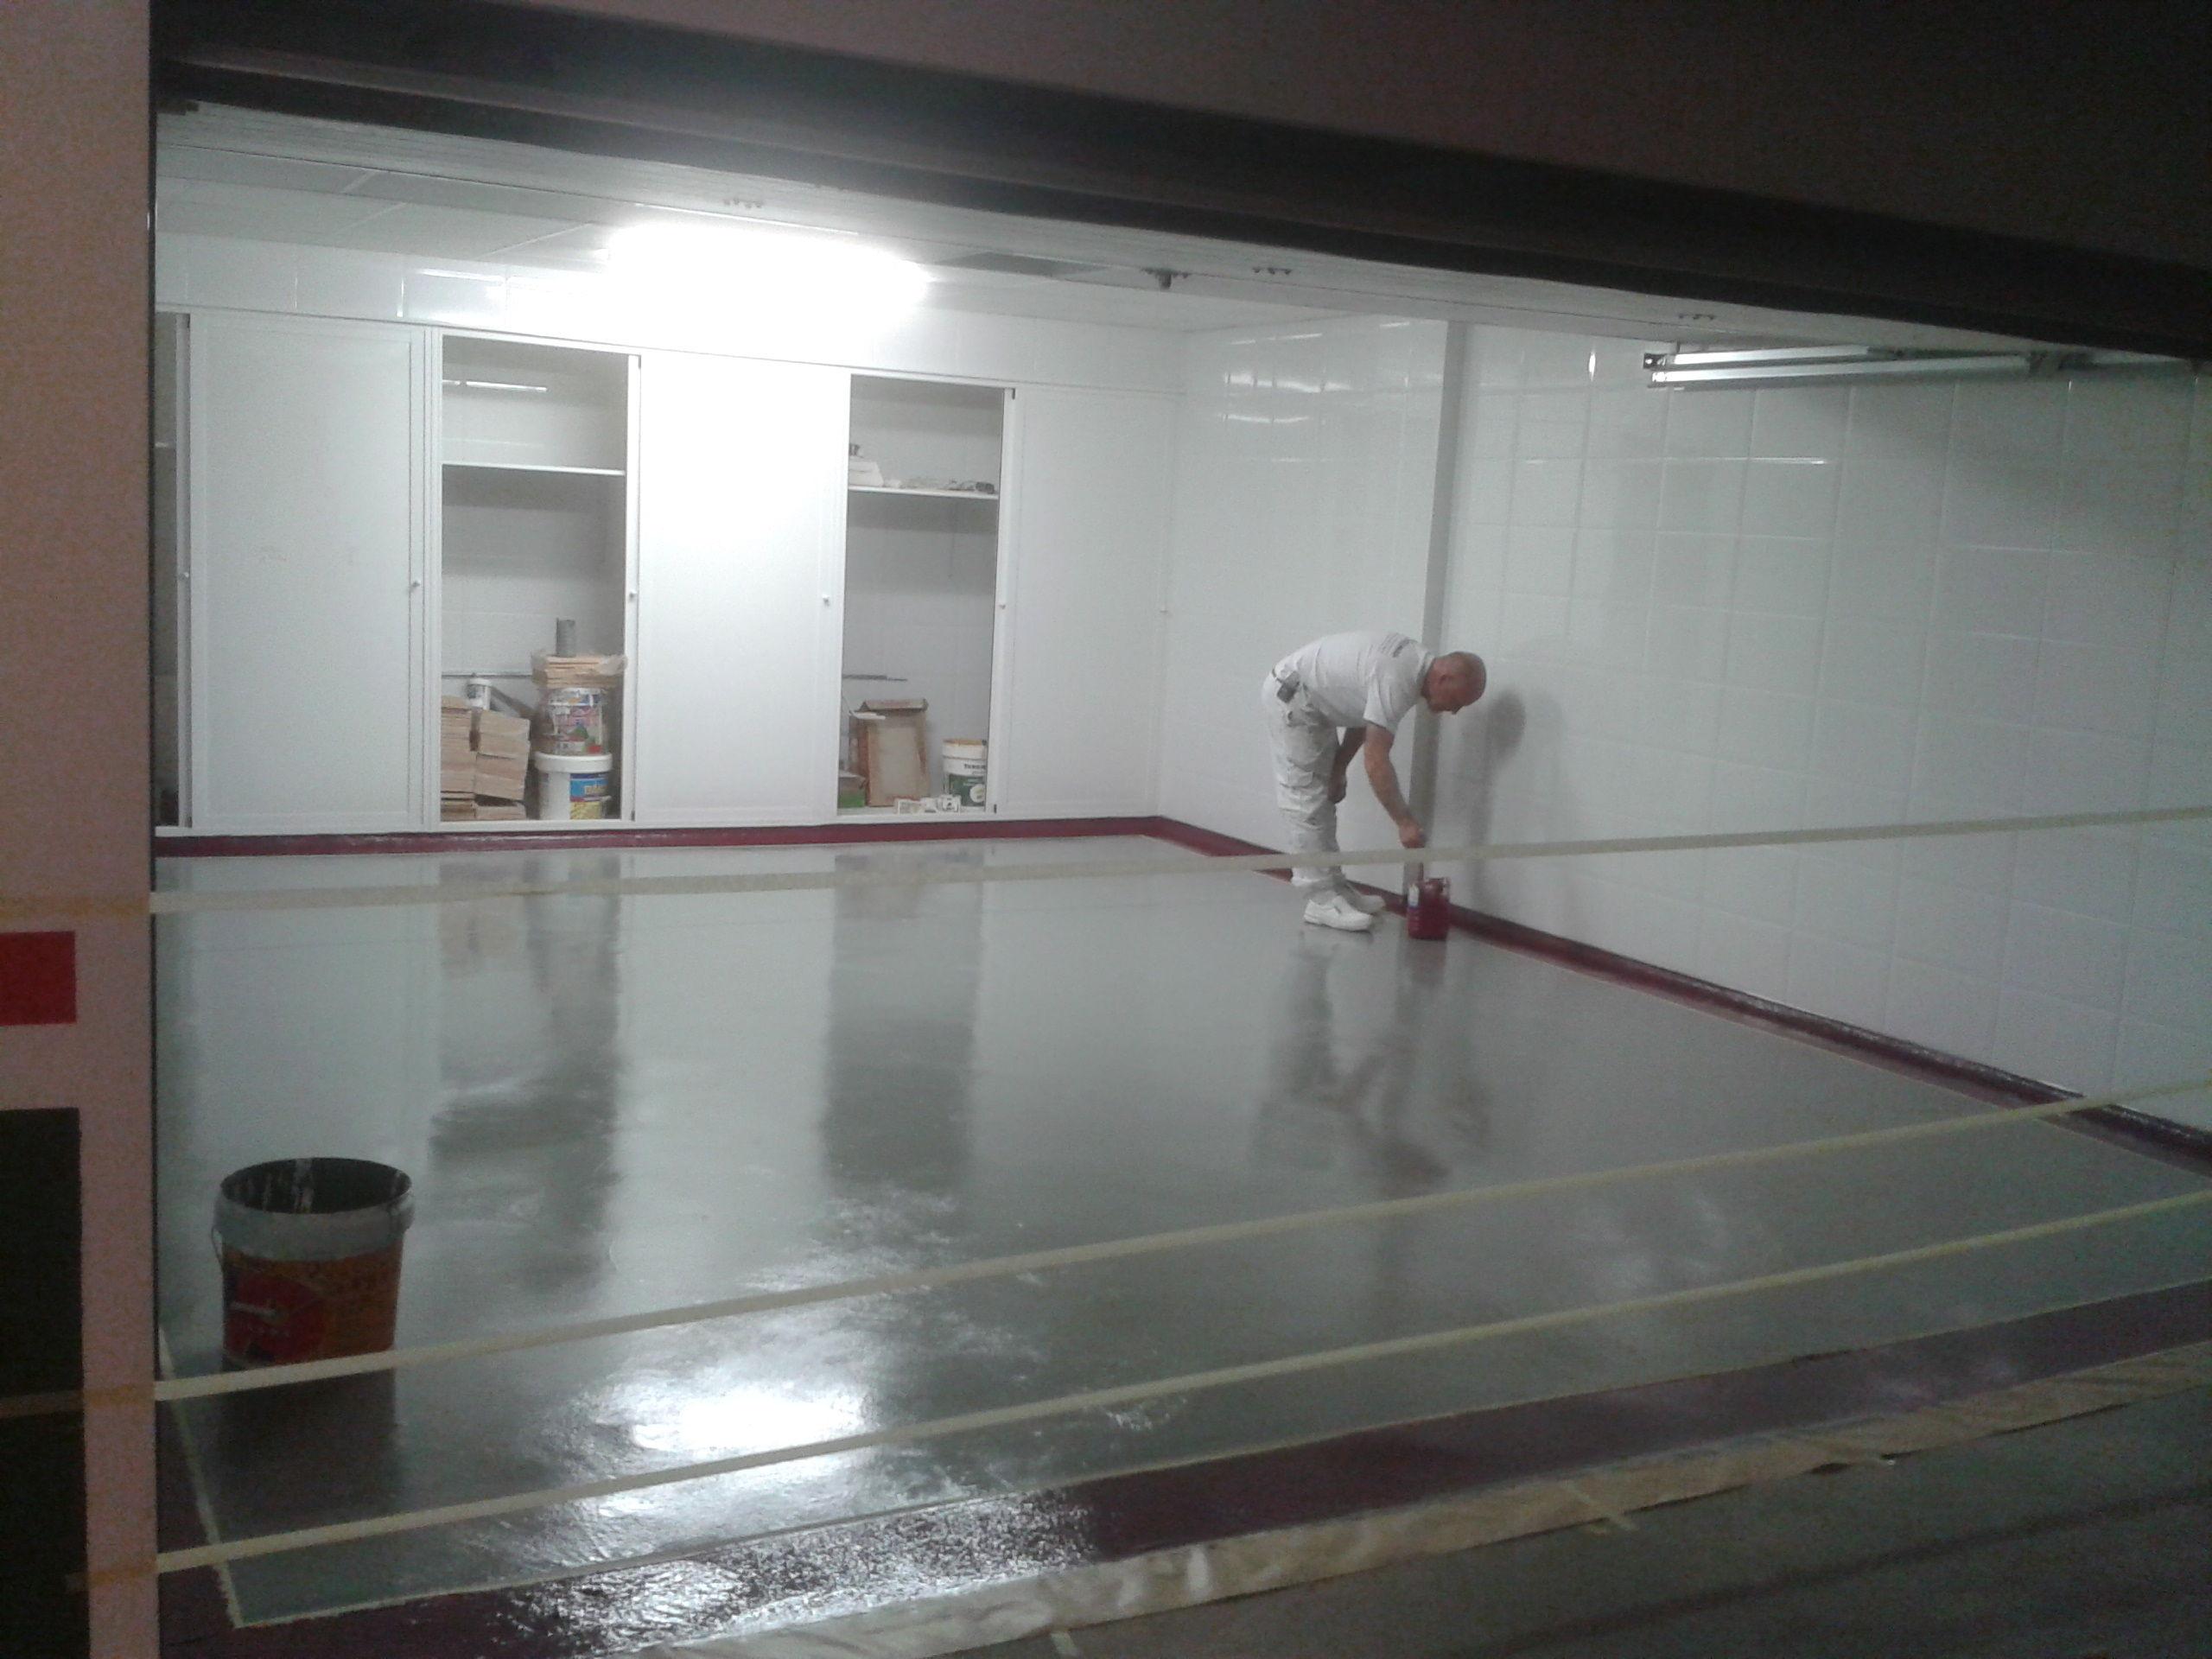 Pintura de suelos trabajos pintura y decoracion de sotomur s l pintura y decoraci n - Pintura de suelos ...